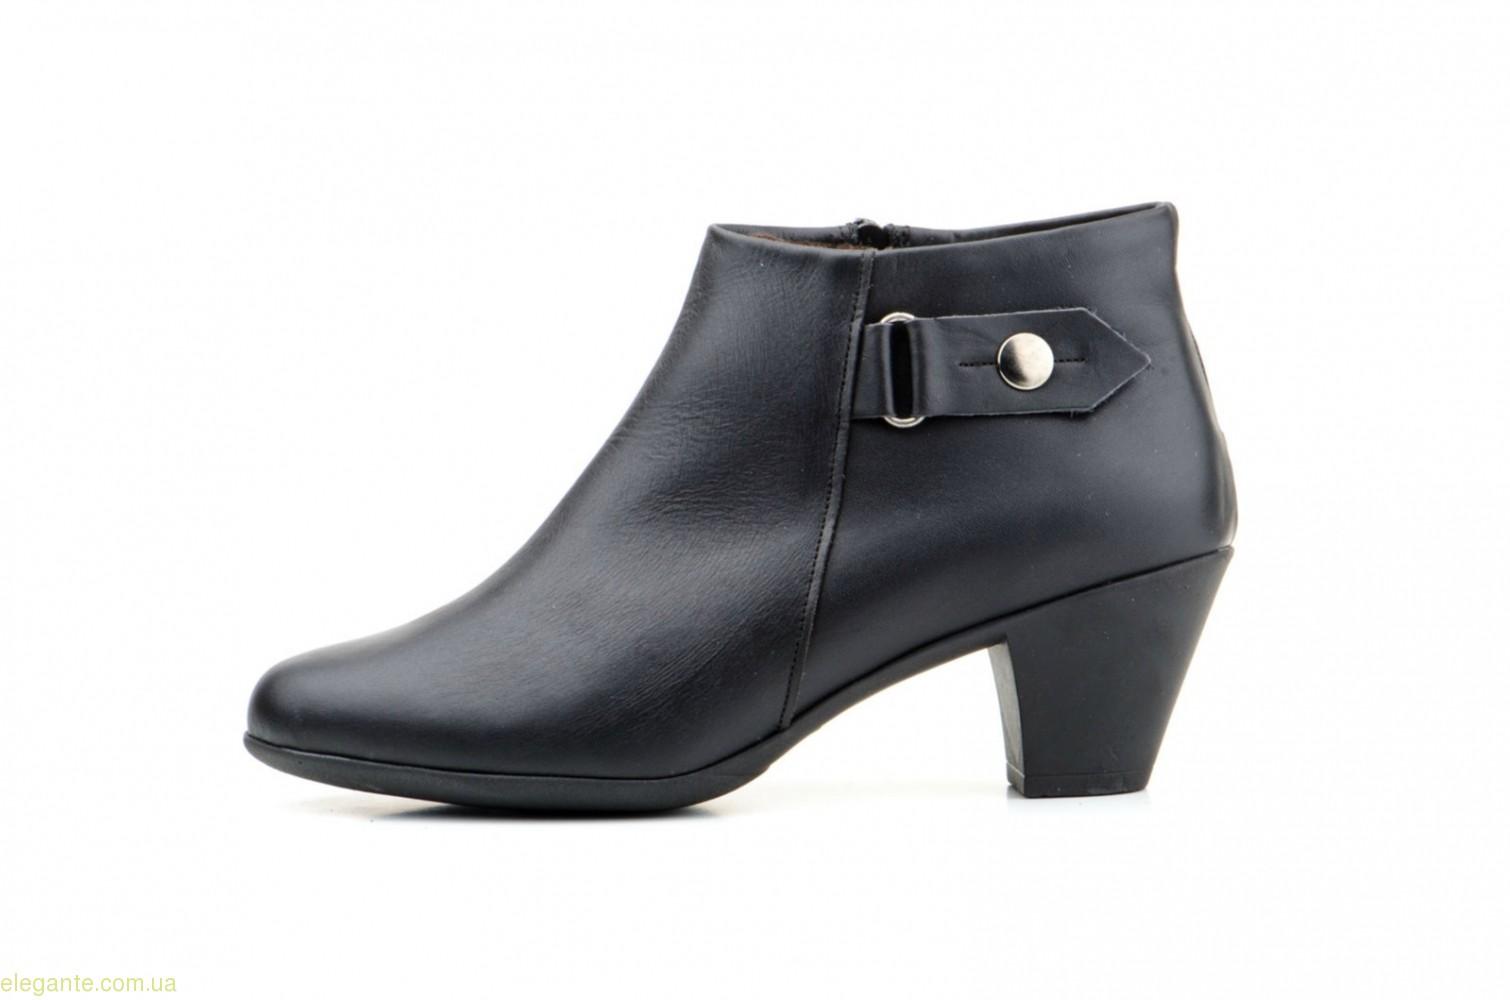 Жіночі черевички CUTILLAS2 чорні 0